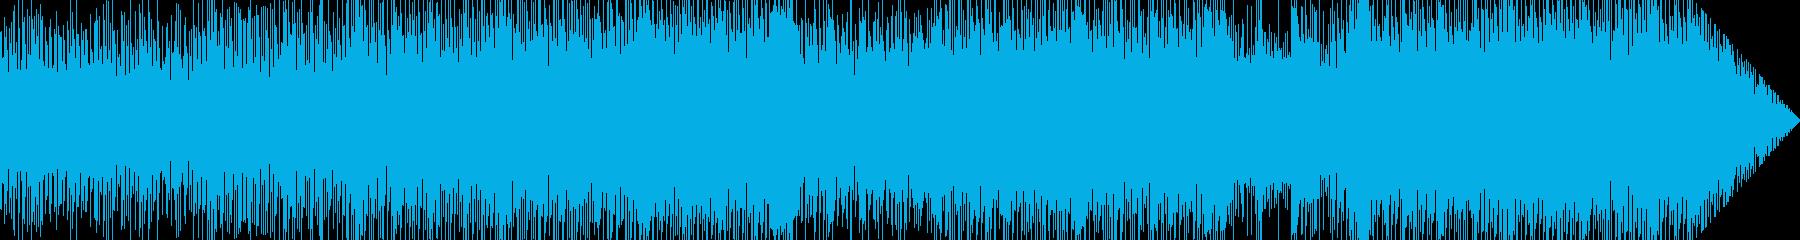 1970年代風レトロなディスコリックの再生済みの波形